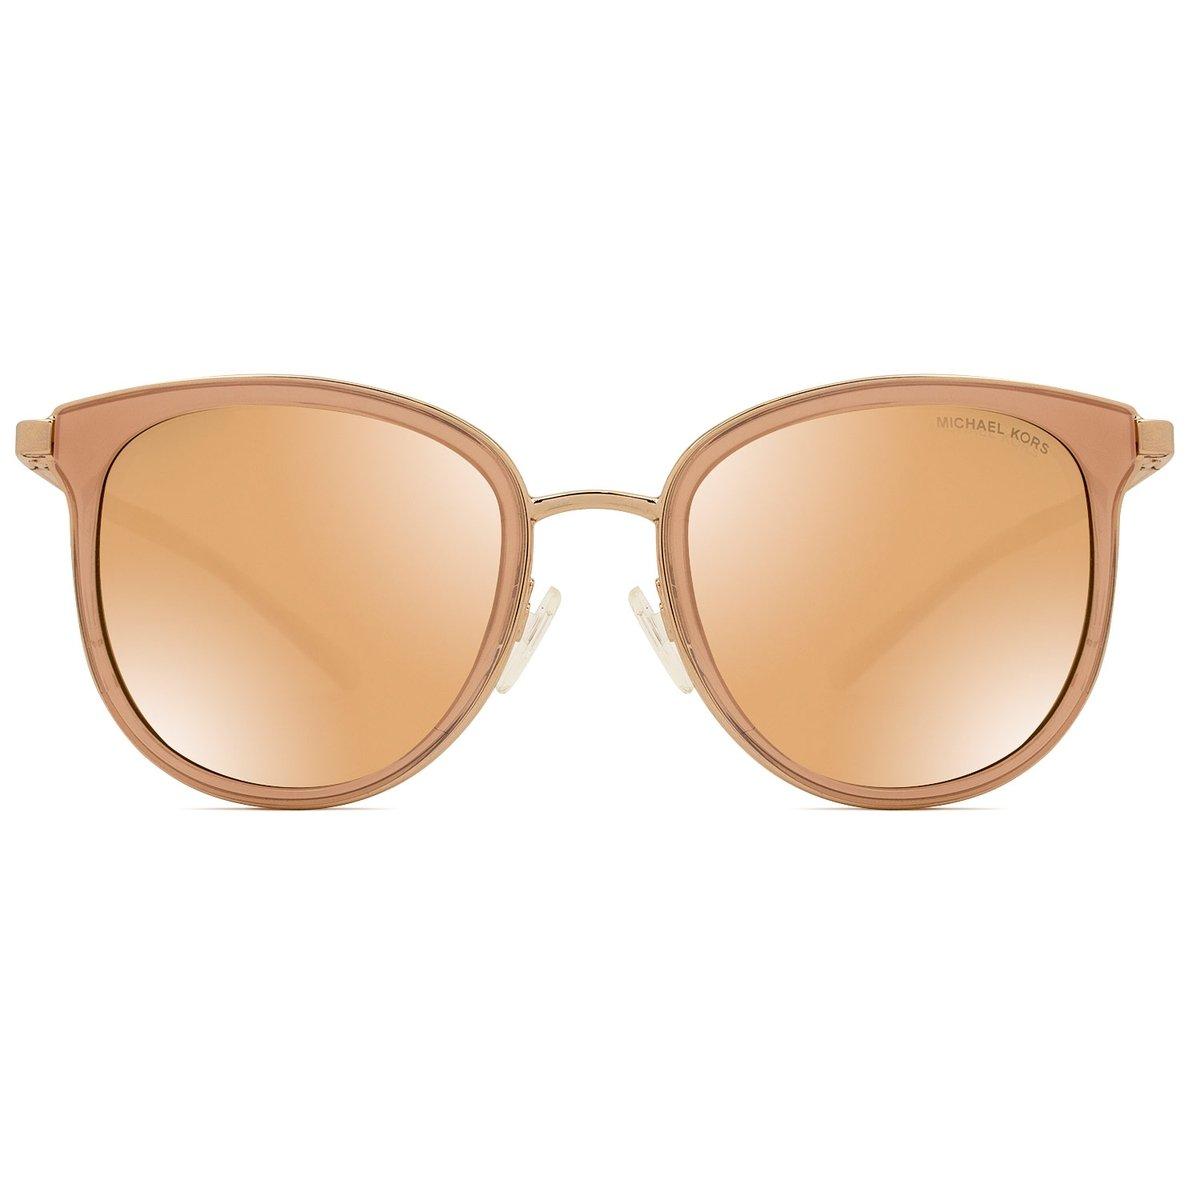 Óculos de Sol Michael Kors Adrianna I MK1010 1103R1-54 Feminino ... 0d53d9bd7a